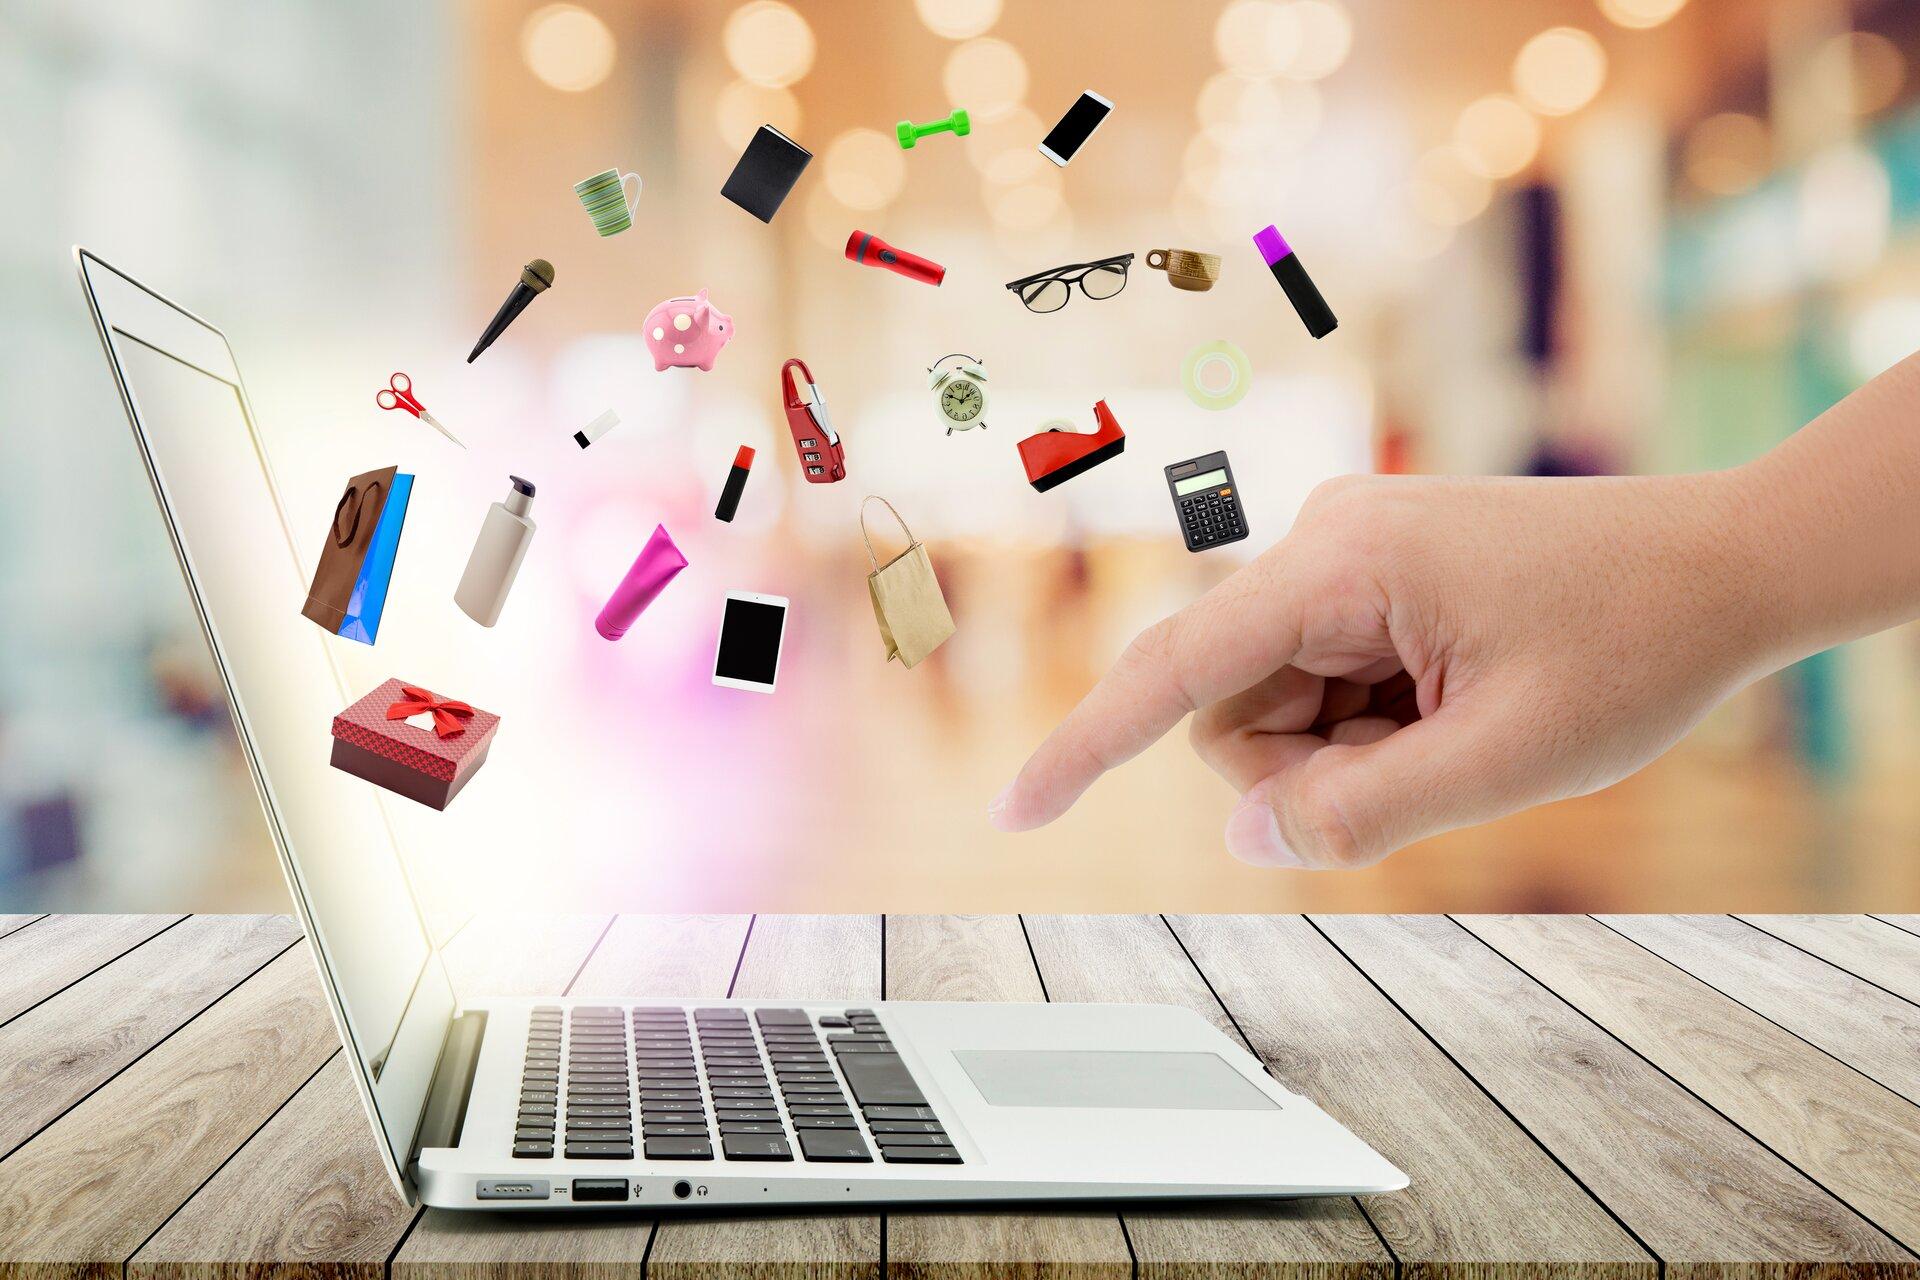 Ilustracja przedstawia zakupy przez Internet. Po prawej stronie wyłania się dłoń, która kieruje się wstronę klawiatury laptopa. Zekranu wypływają ikony takie jak: nożyczki, mikrofon, kubek, skarbonka, scyzoryk, telefon, torba, kalkulator, mazak, okulary, ciężarek, latarka.